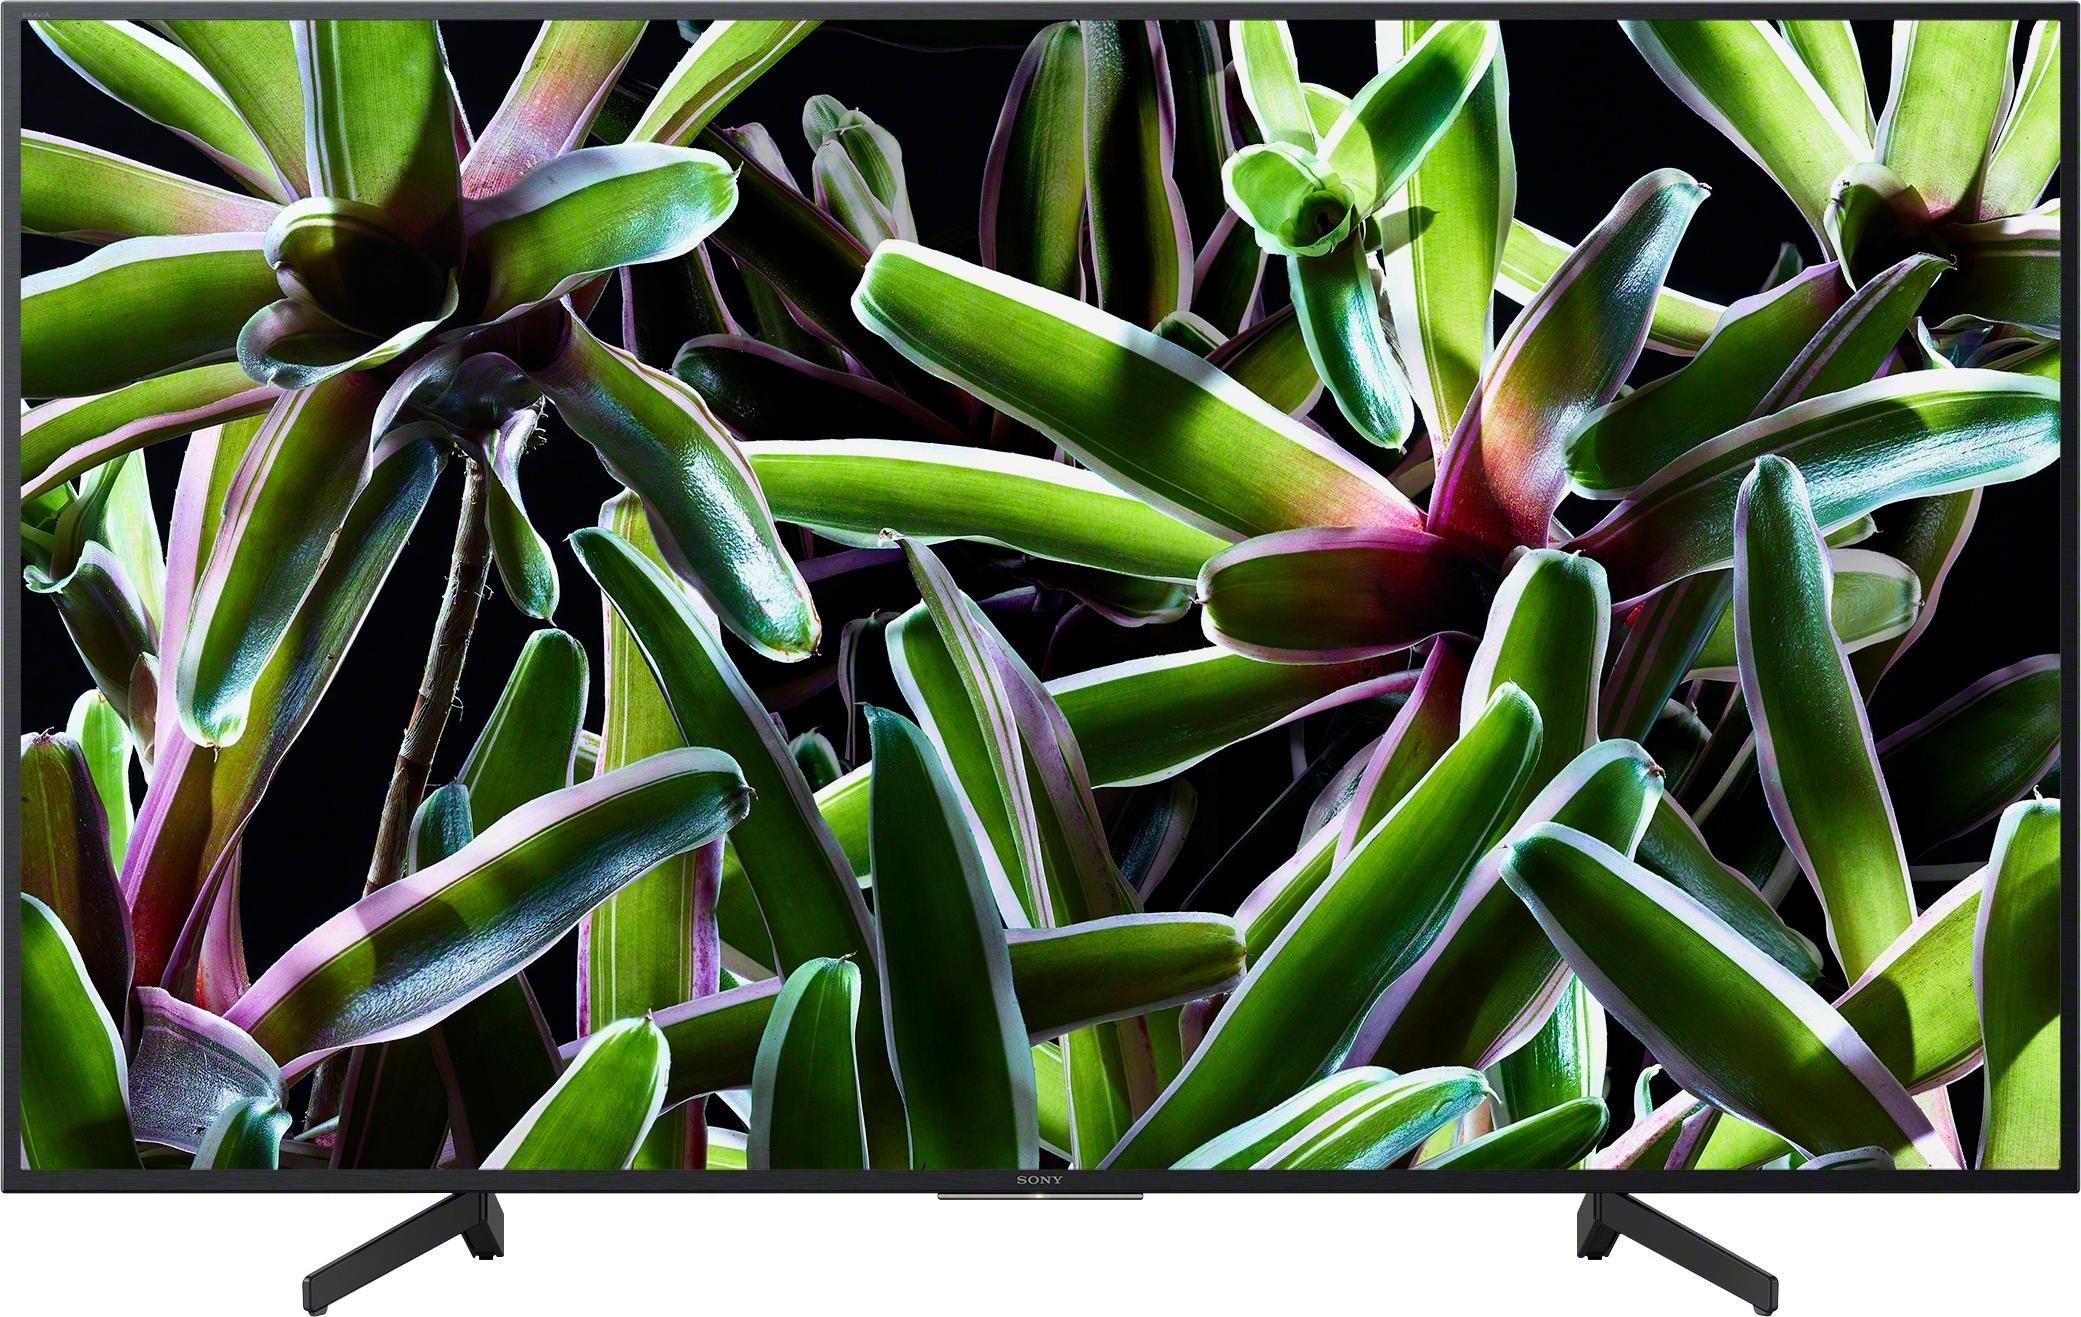 SONY KD43XG7005BAEP led-tv (108 cm / 43 inch), 4K Ultra HD, Smart-TV nu online bestellen